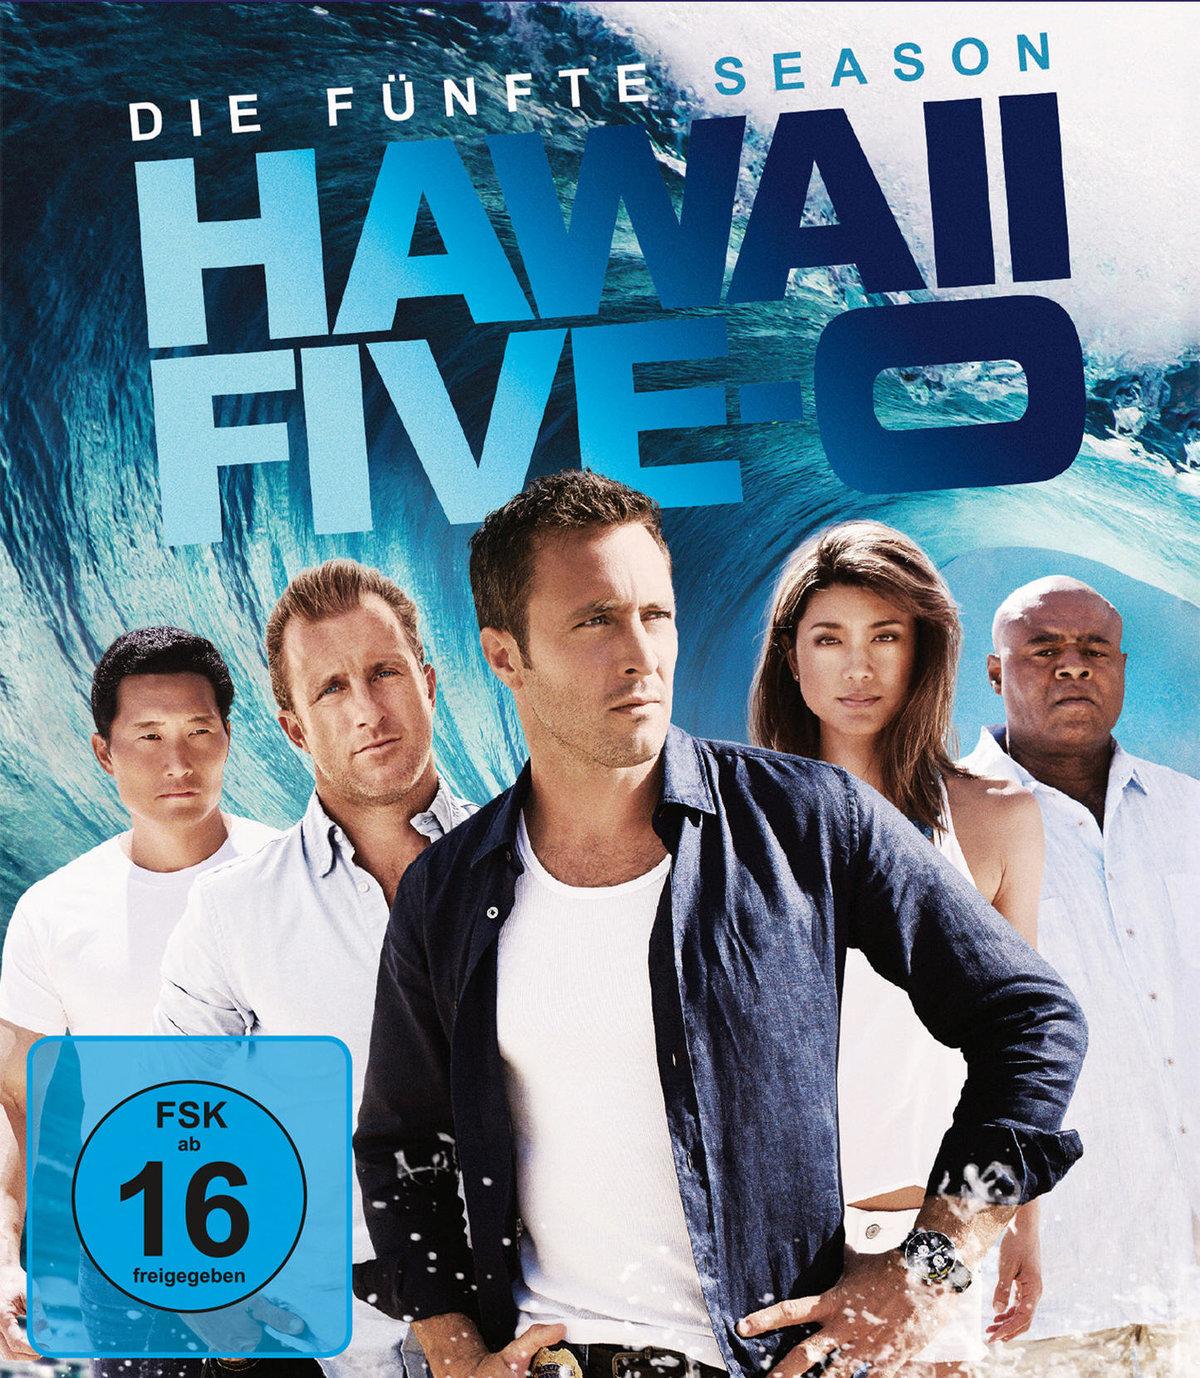 Hawaii Five-O (2010) - Staffel 5 (5 Blu-rays)